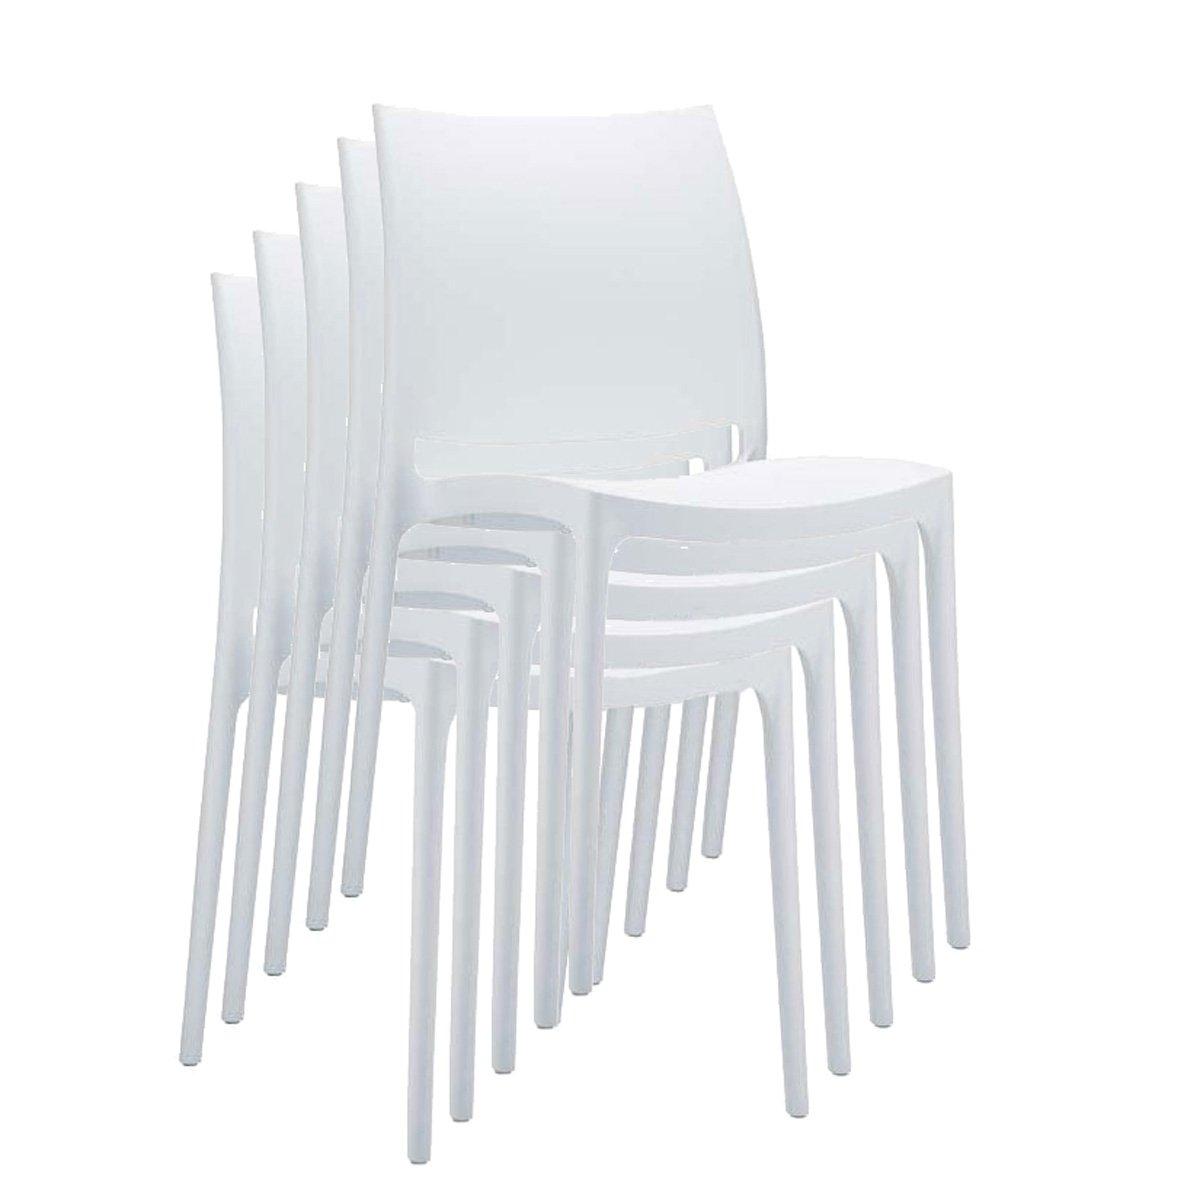 Silla de jard n apilable c44 en pl stico blanco silla - Sillas plastico terraza ...